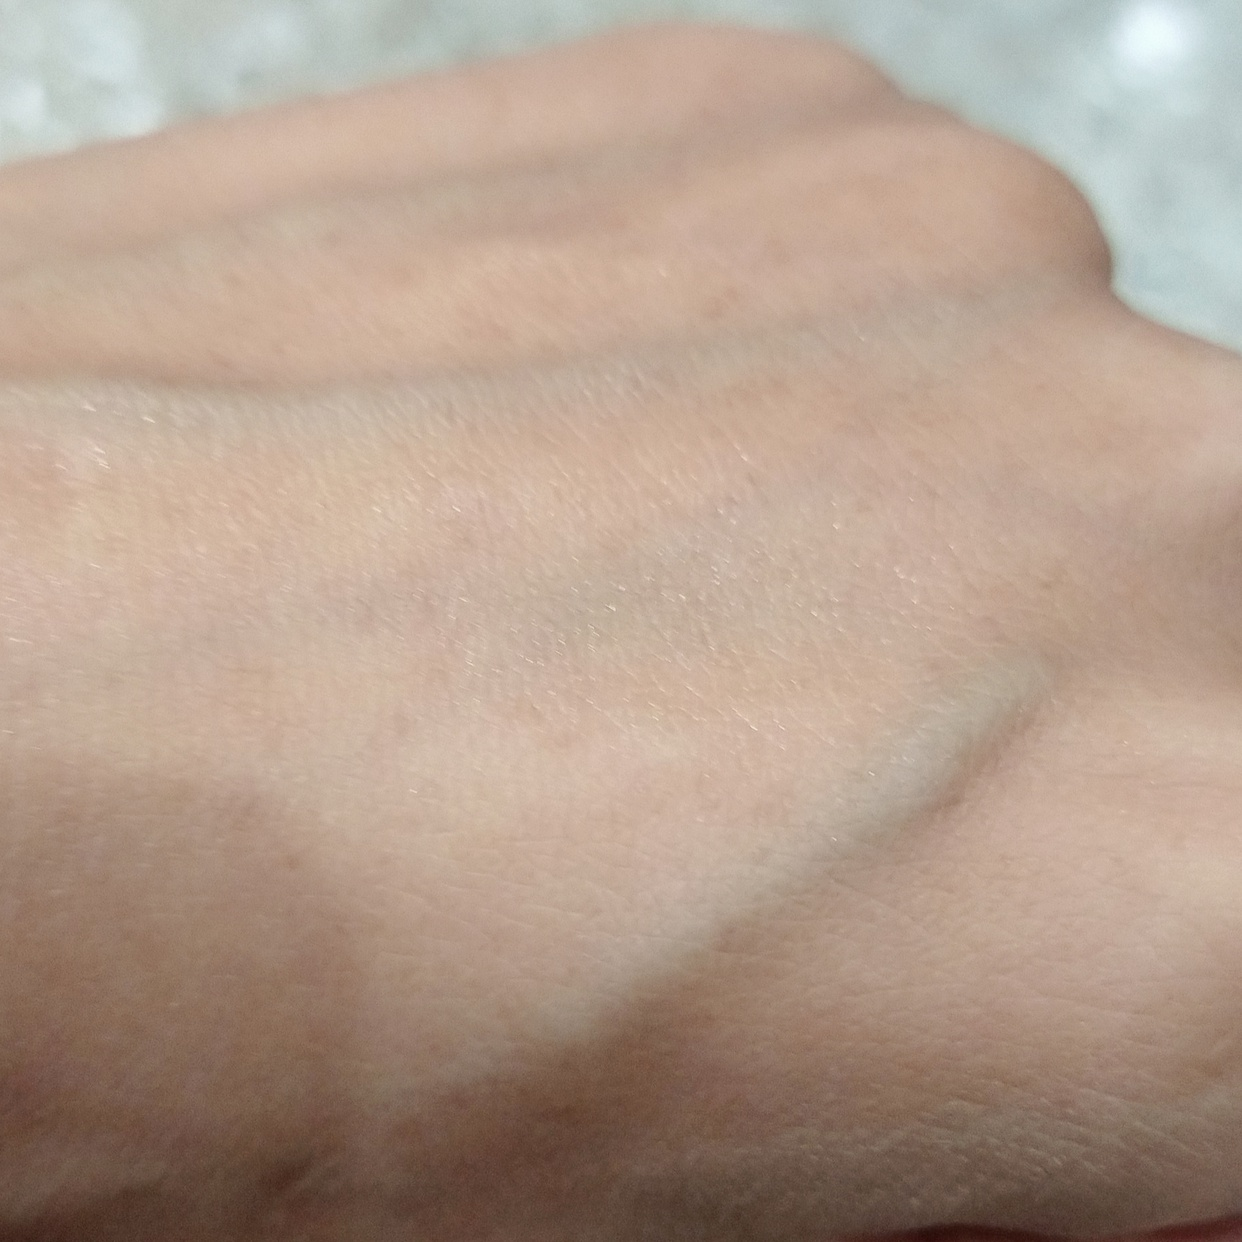 麗凍化粧品(Reitou Cosme) 美容液 化粧水を使ったみこさんのクチコミ画像3